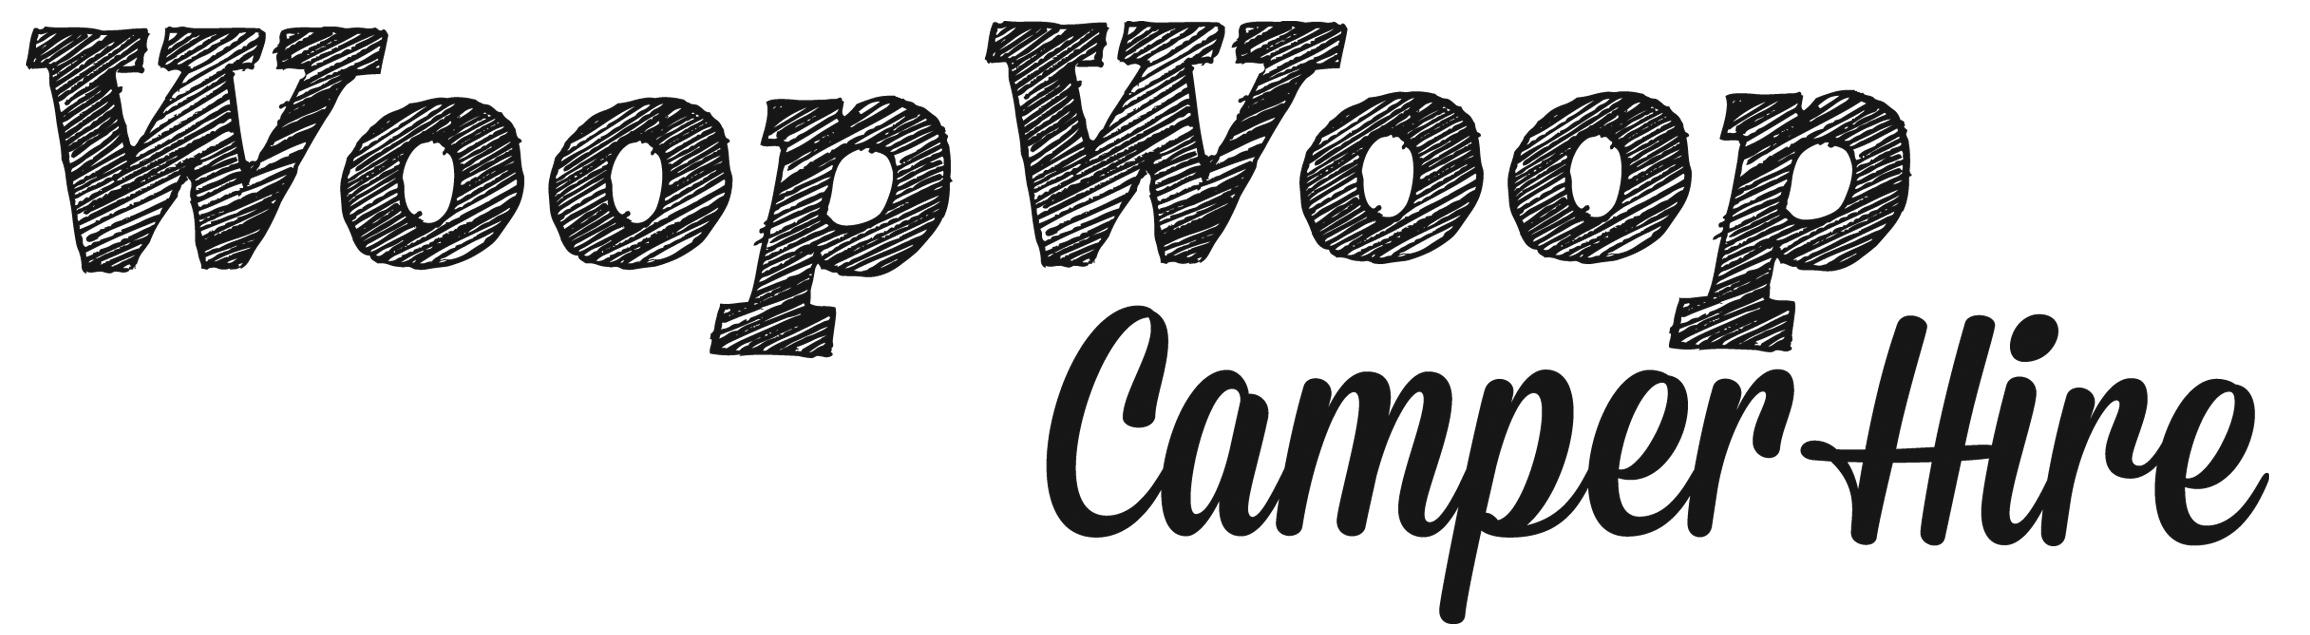 Woop Woop Camper Hire